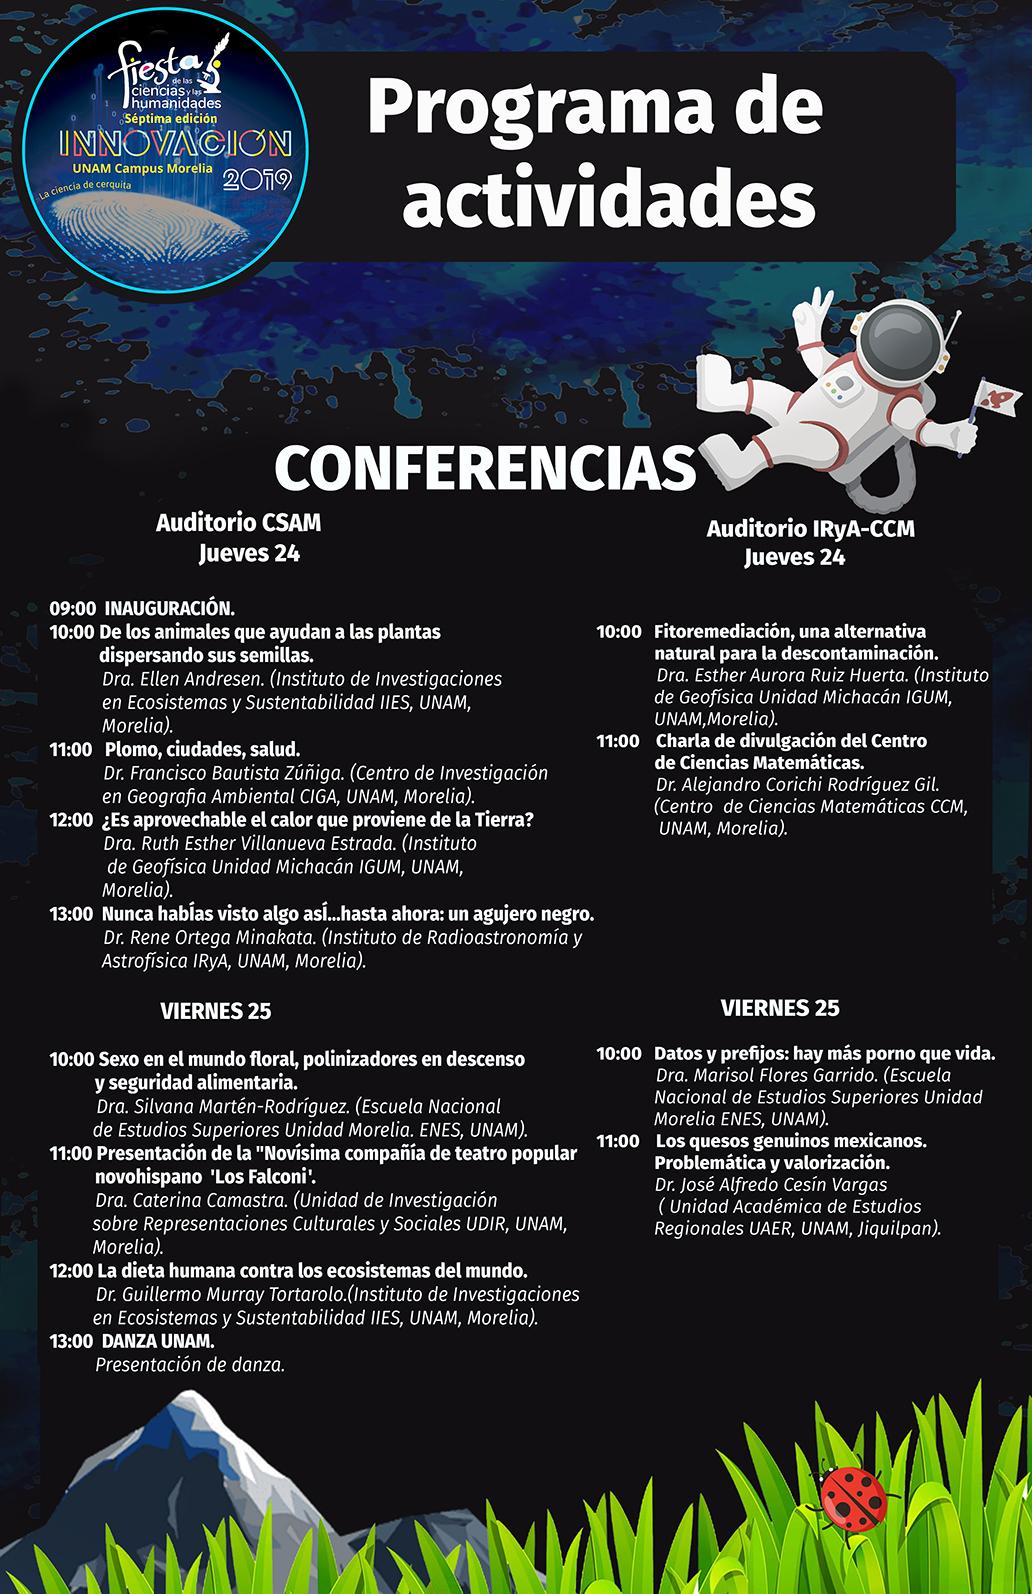 cartel de programa conferencias